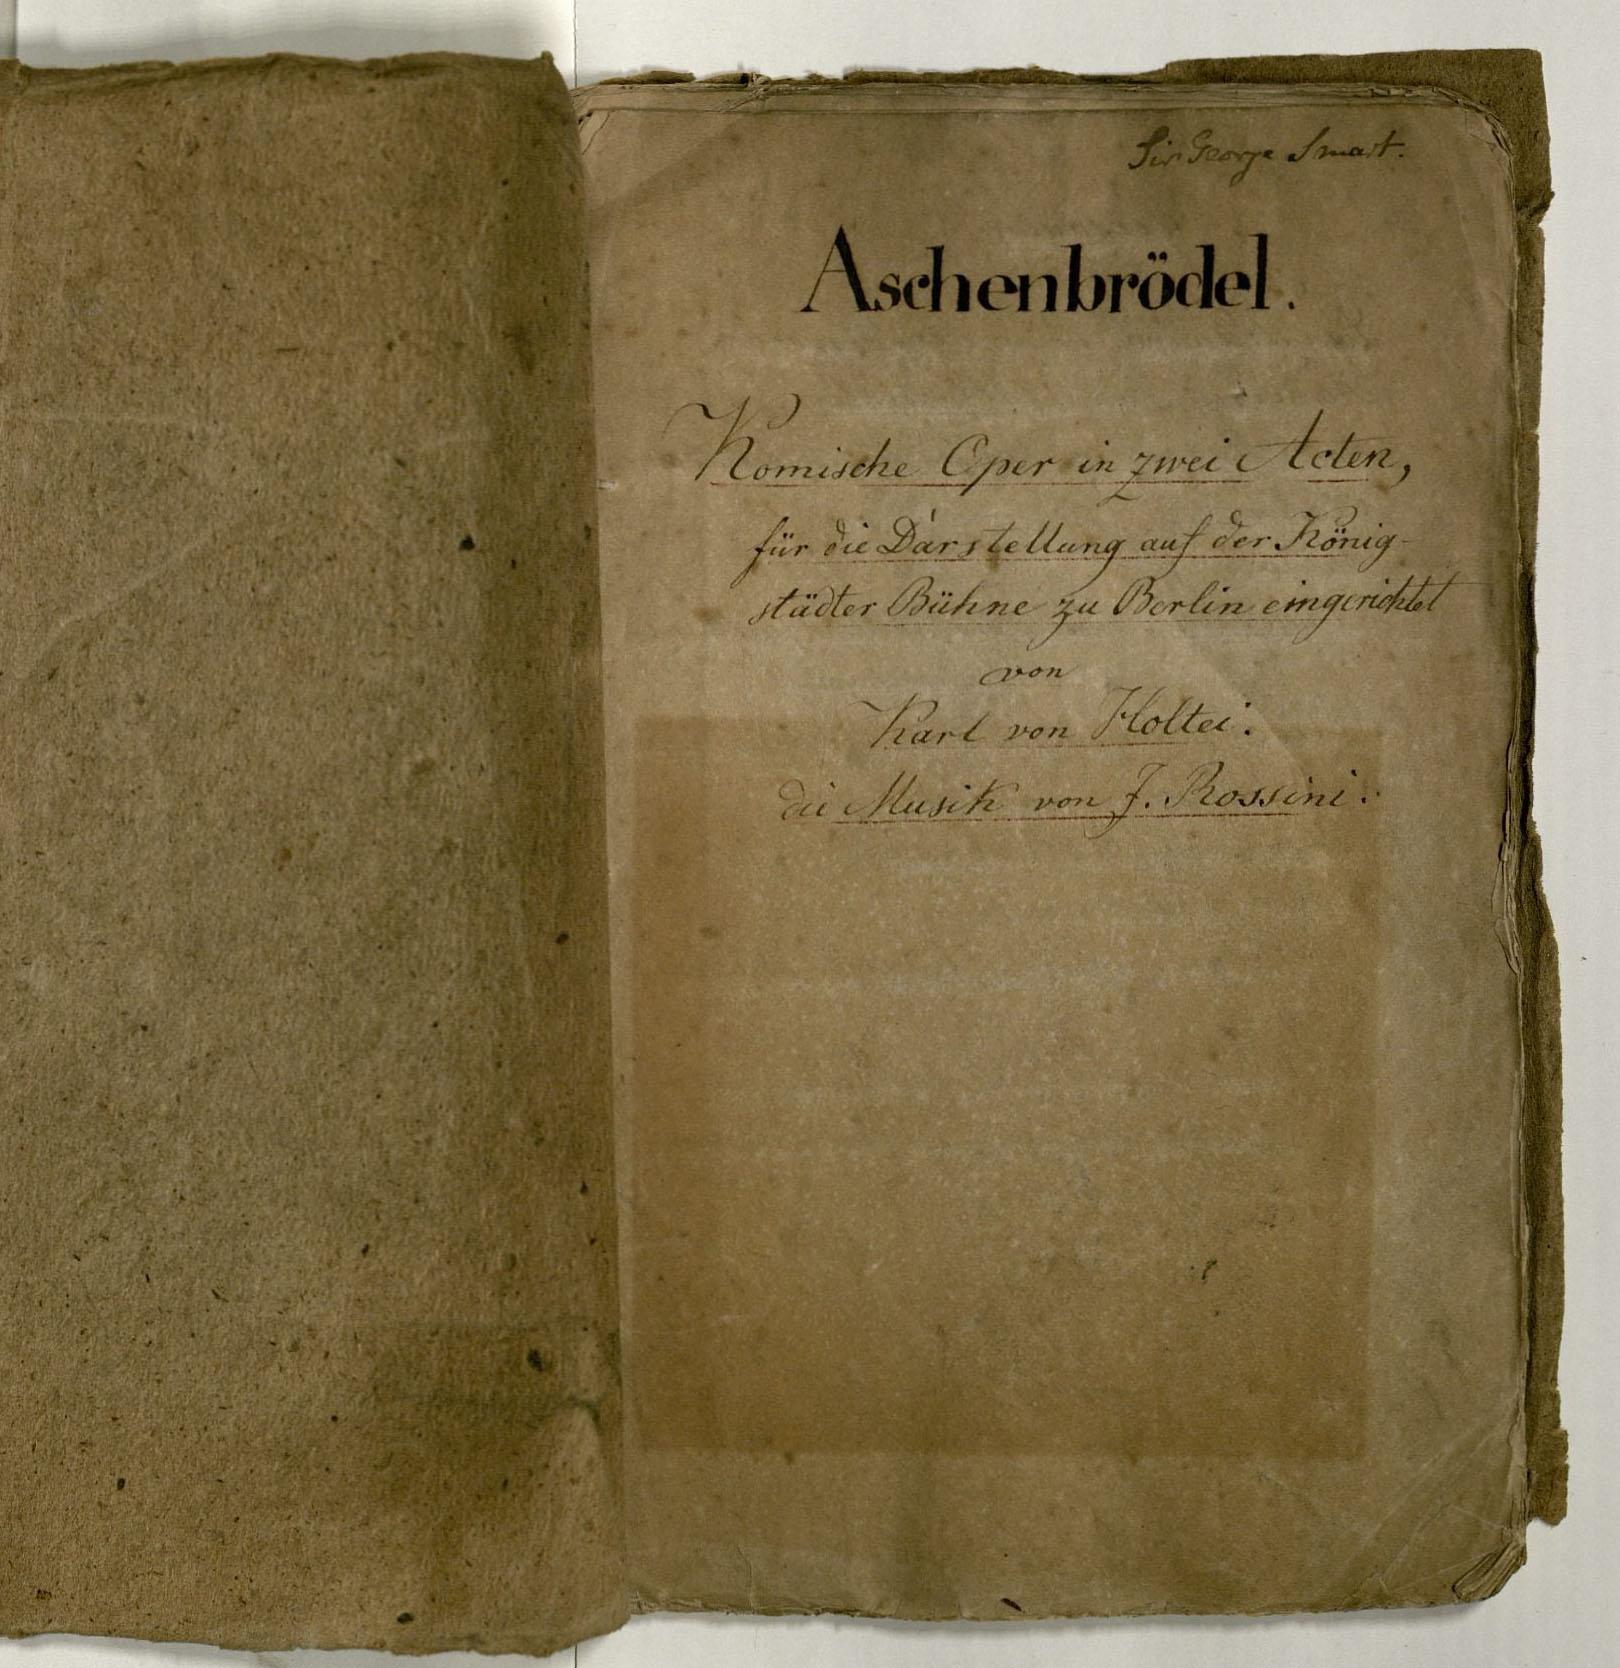 Aschenbrödel : manuscript libretto. TS 8103.588 1825